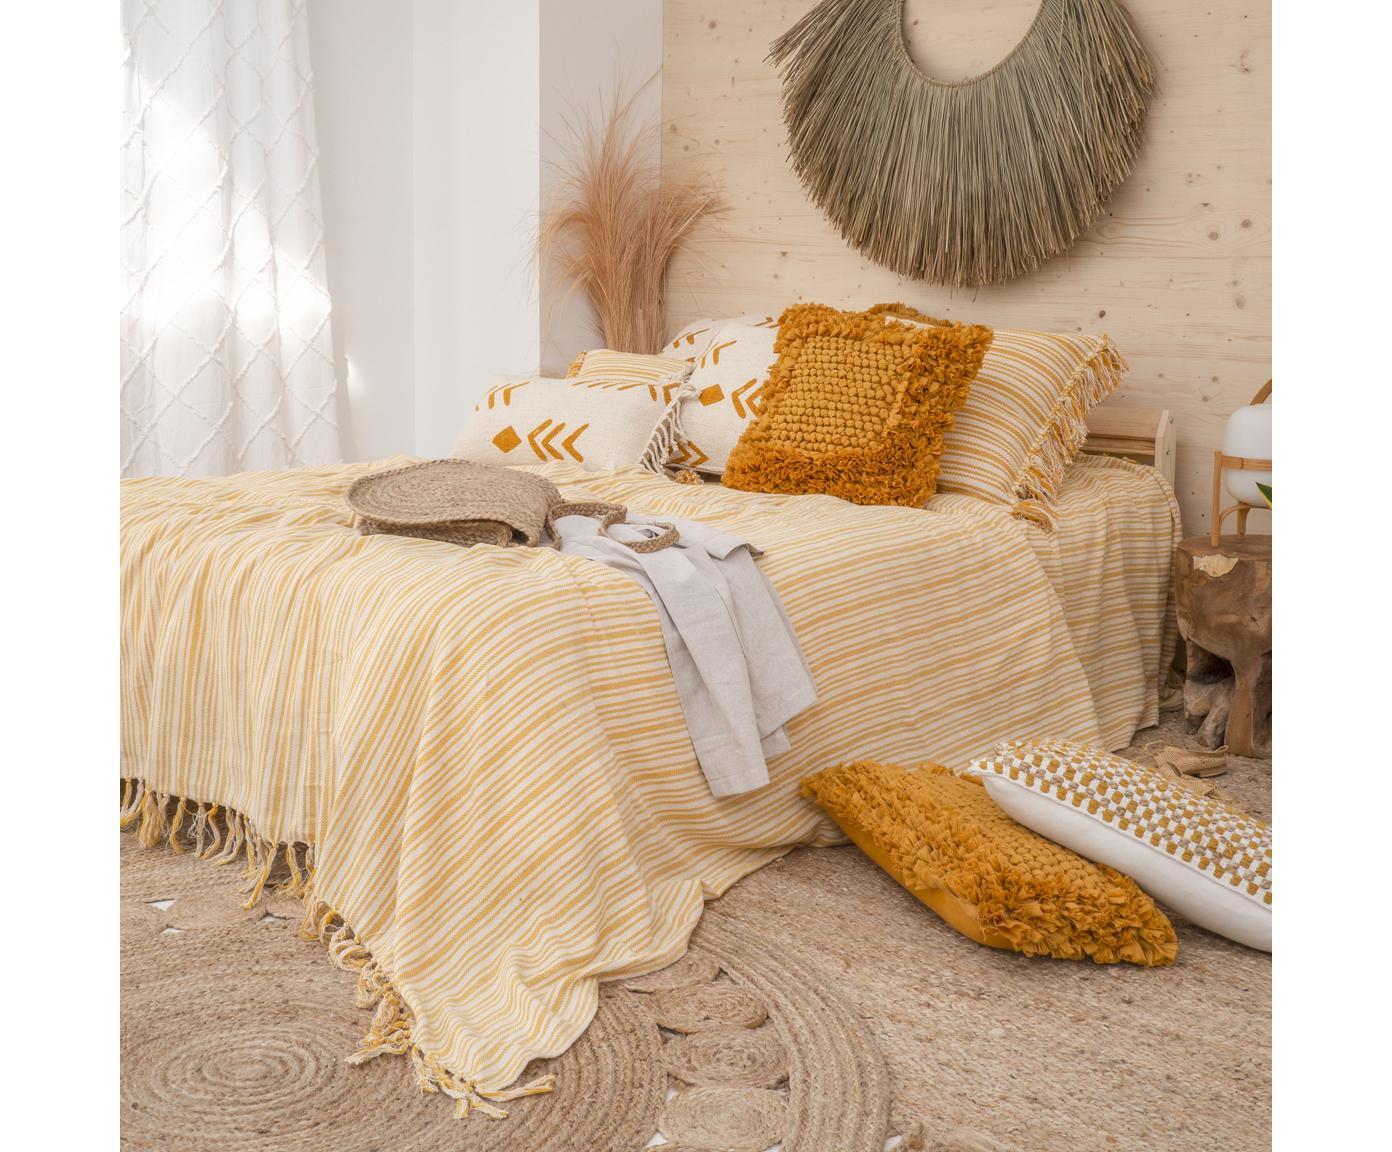 Gestreifte Tagesdecke Puket mit Fransen, 100% Baumwolle, Senfgelb, Gebrochenes Weiß, 180 x 260 cm